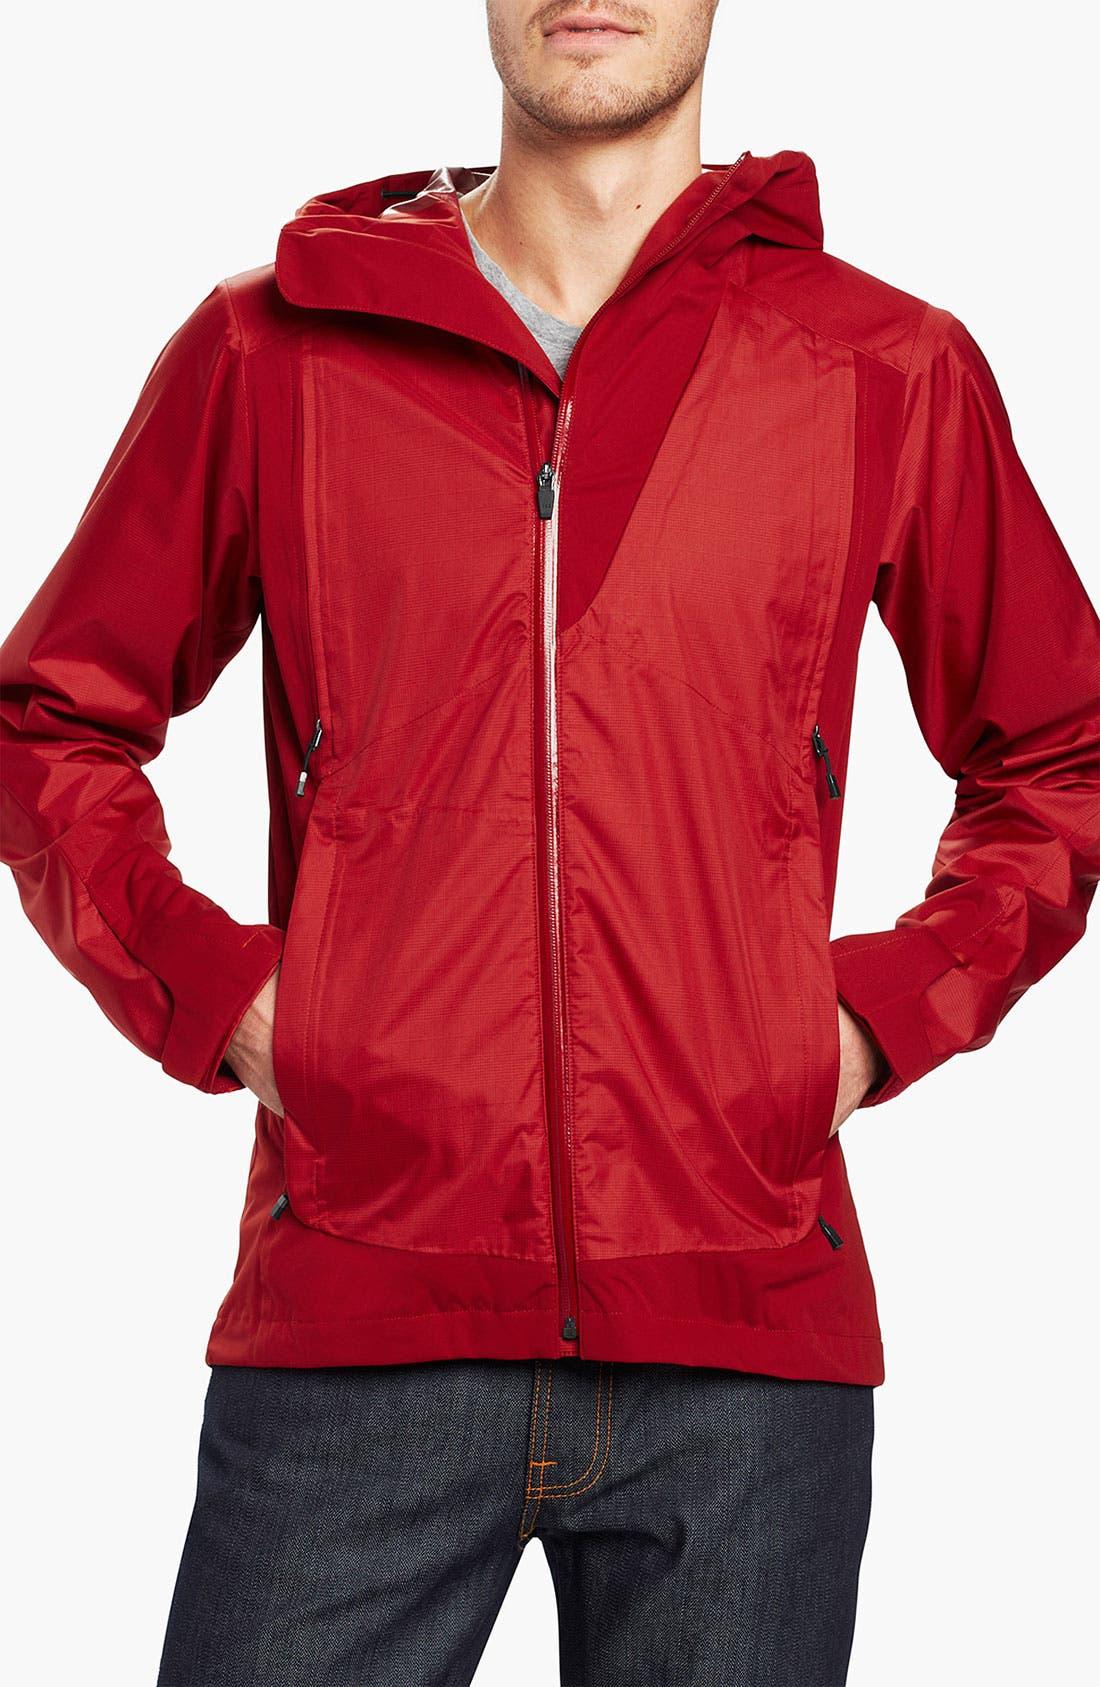 Alternate Image 1 Selected - Nau 'Dose' Jacket